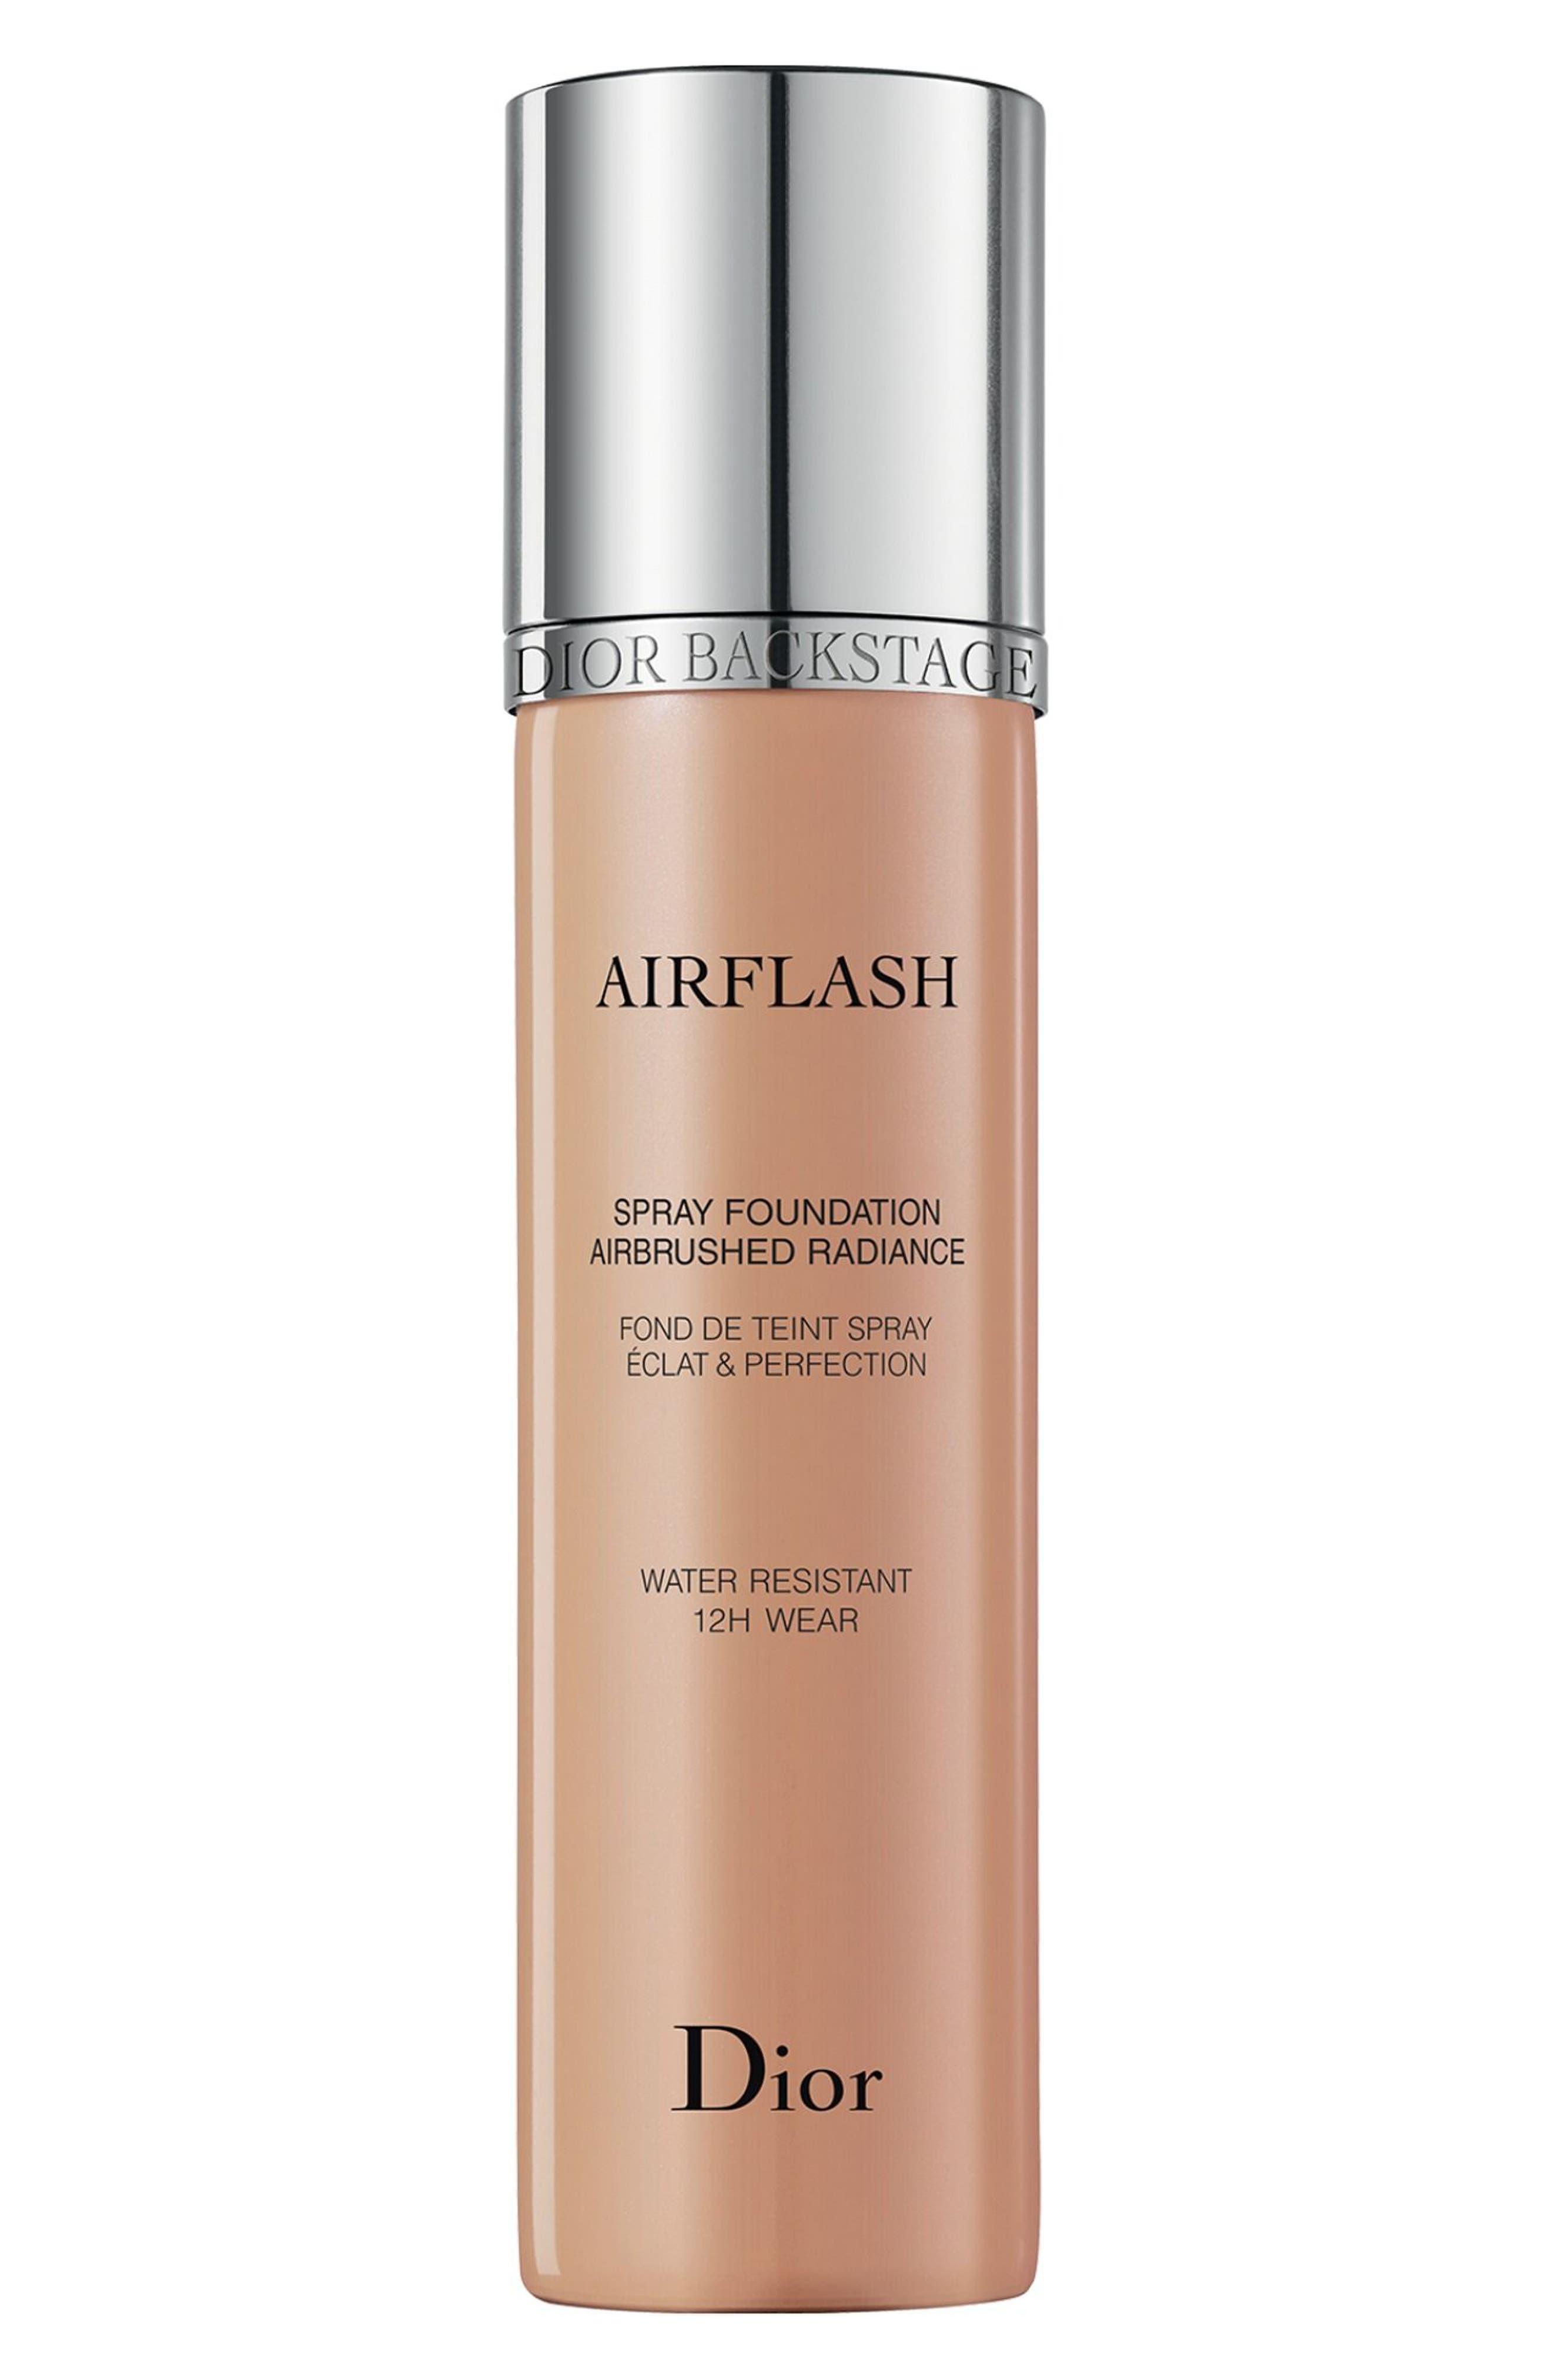 Dior Diorskin Airflash Spray Foundation - 302 Rosy Beige